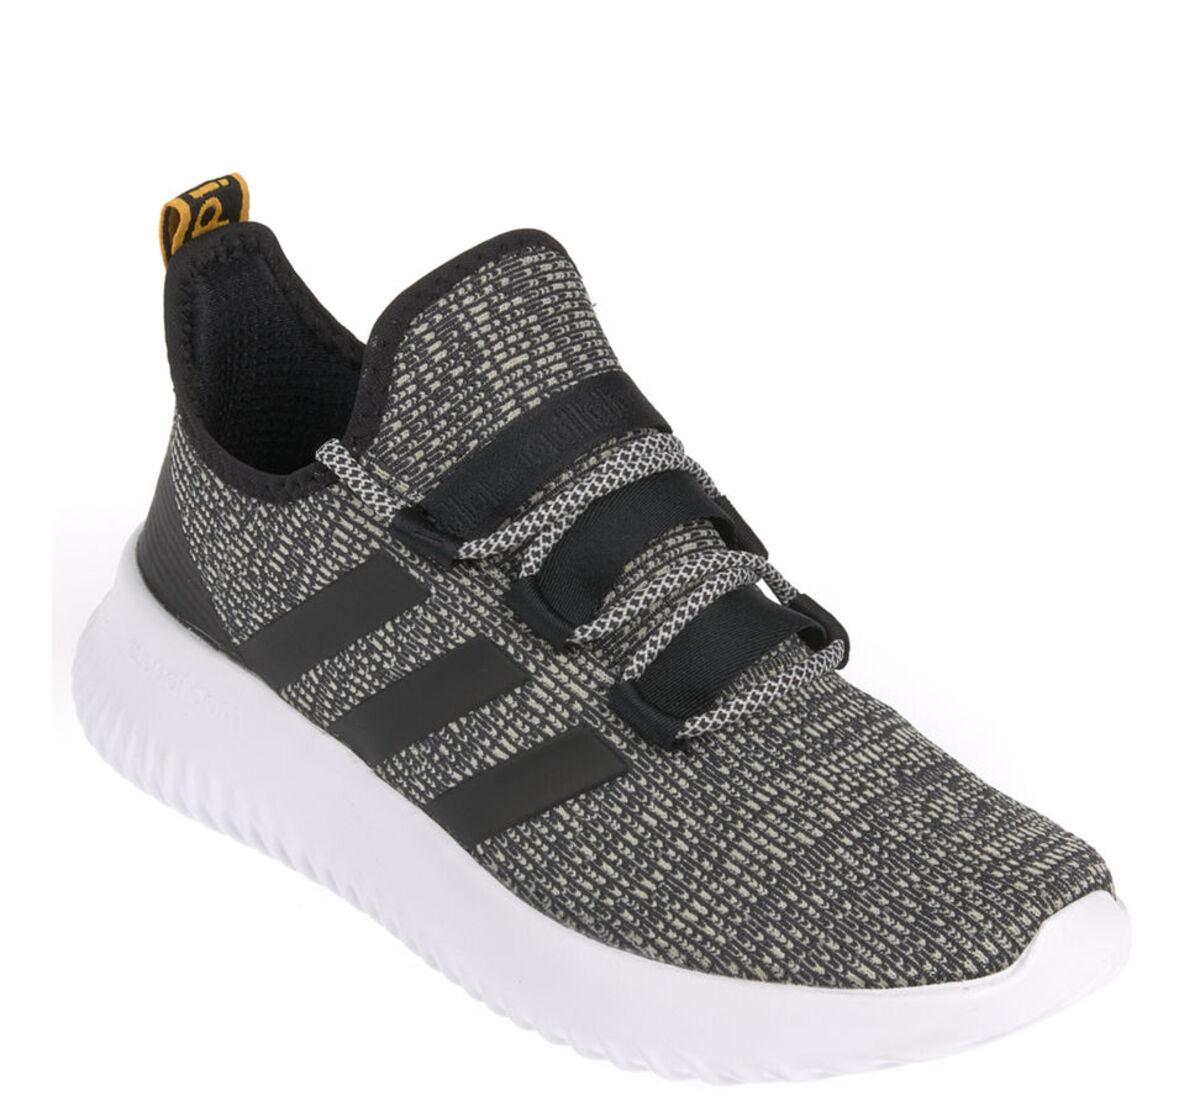 Bild 1 von Adidas Sneaker - KAPTIR (Gr. 36-39)